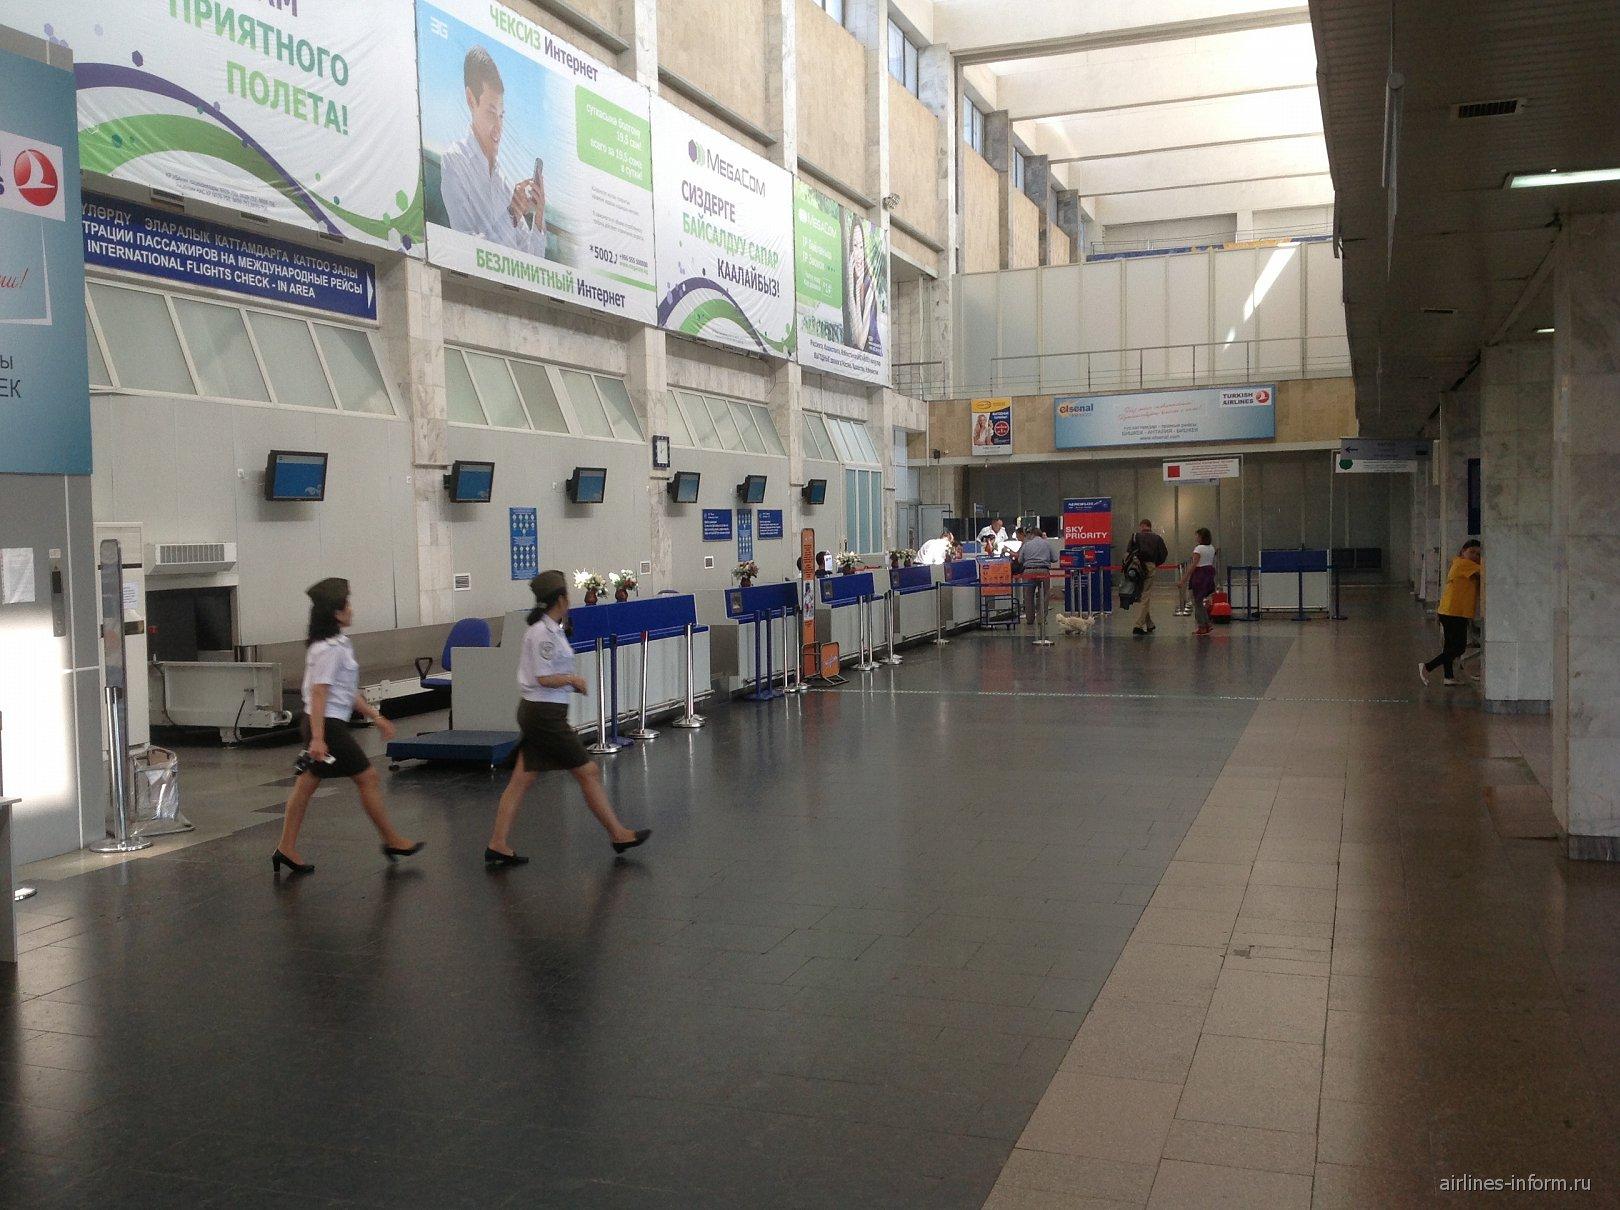 Зал регистрации на рейсы в аэропорту Манас в Бишкеке